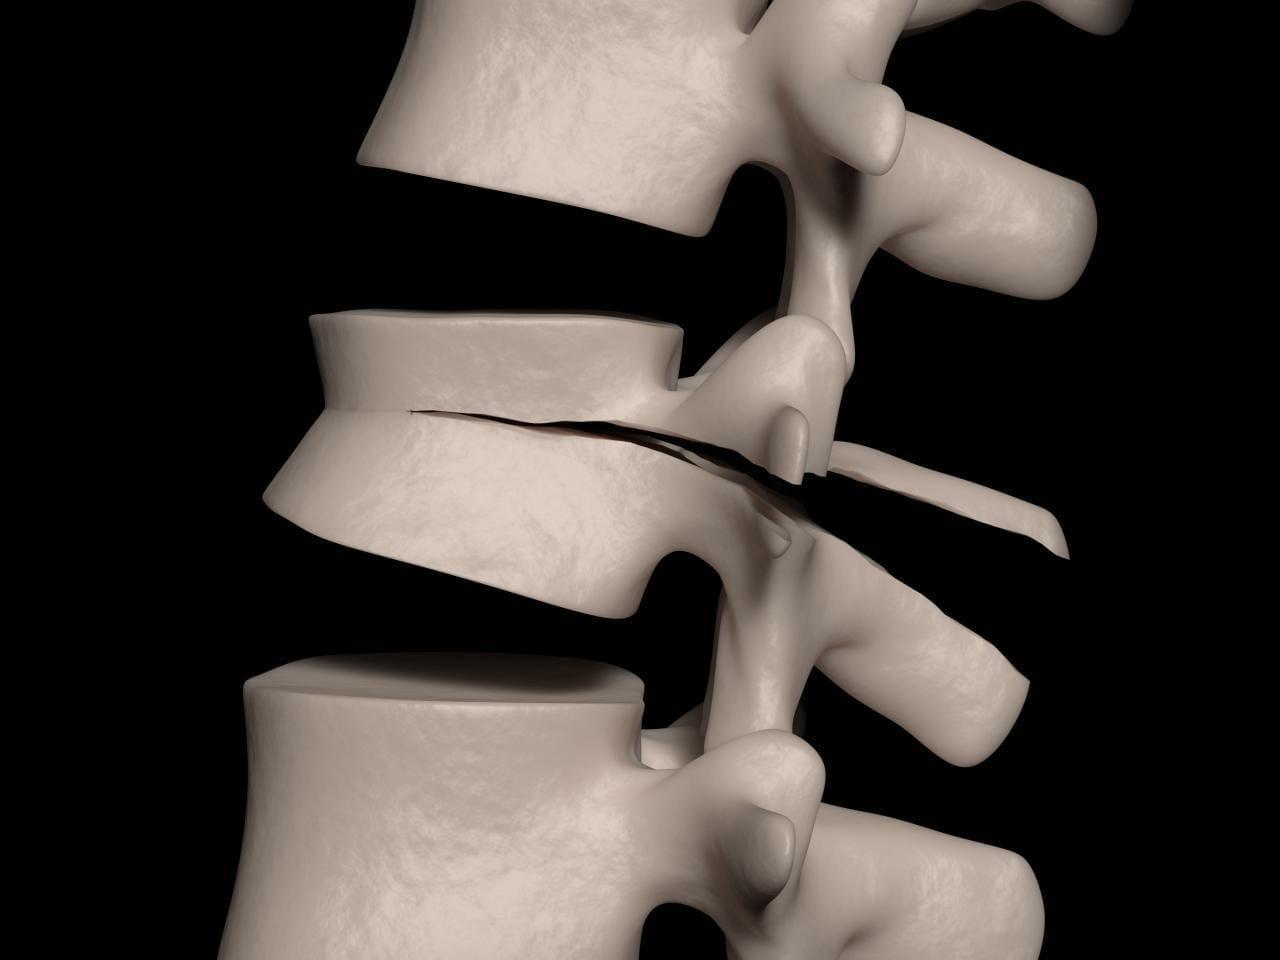 схематическое изображение стресс-перелома позвонка